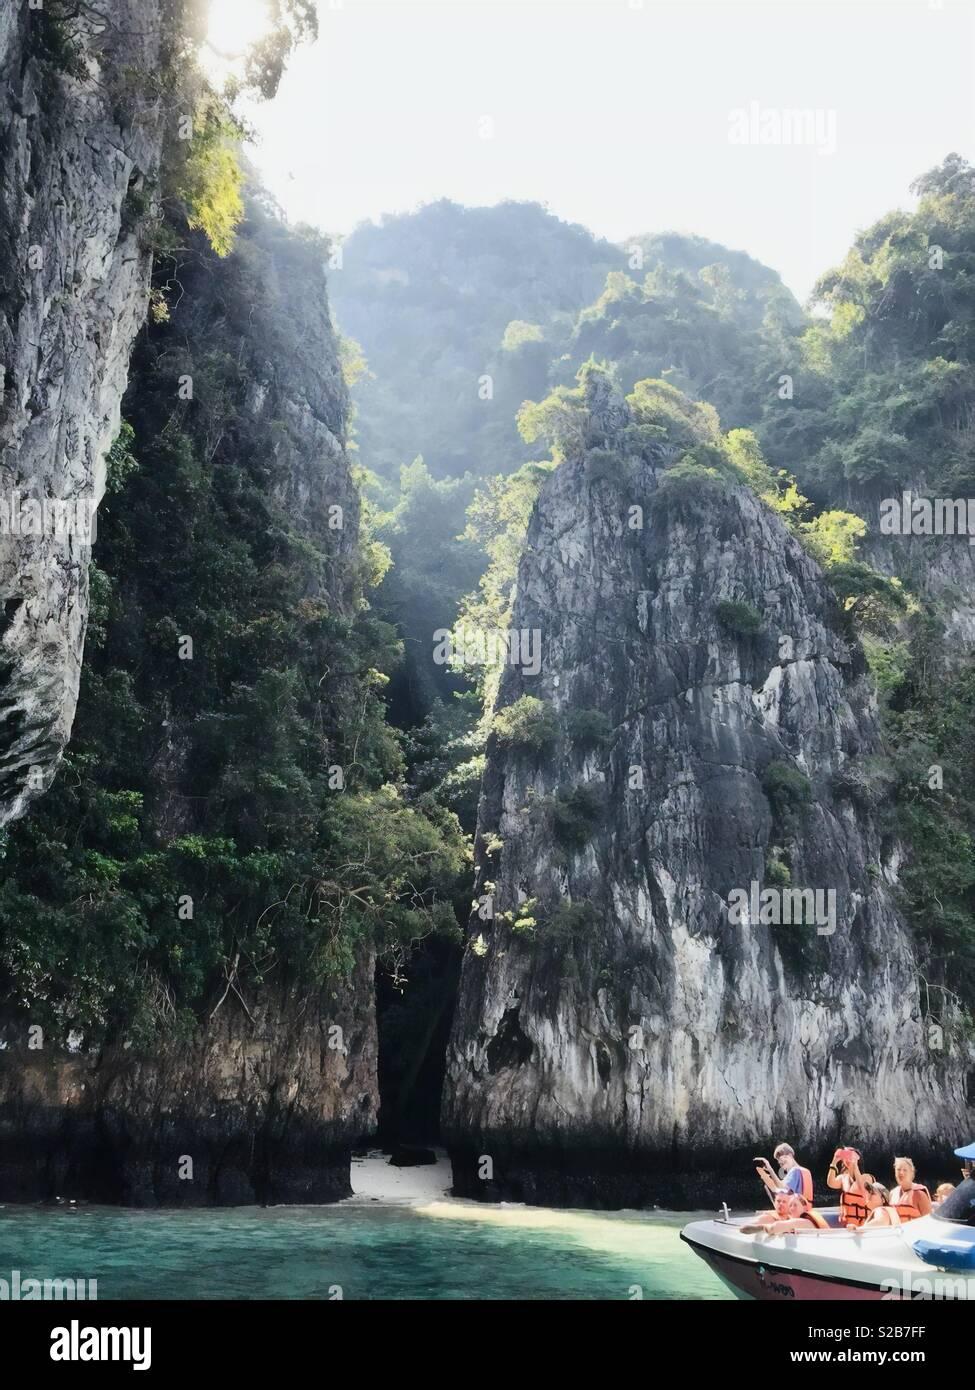 Urlaub in Krabi, Thailand. Boot und Material... Stockbild